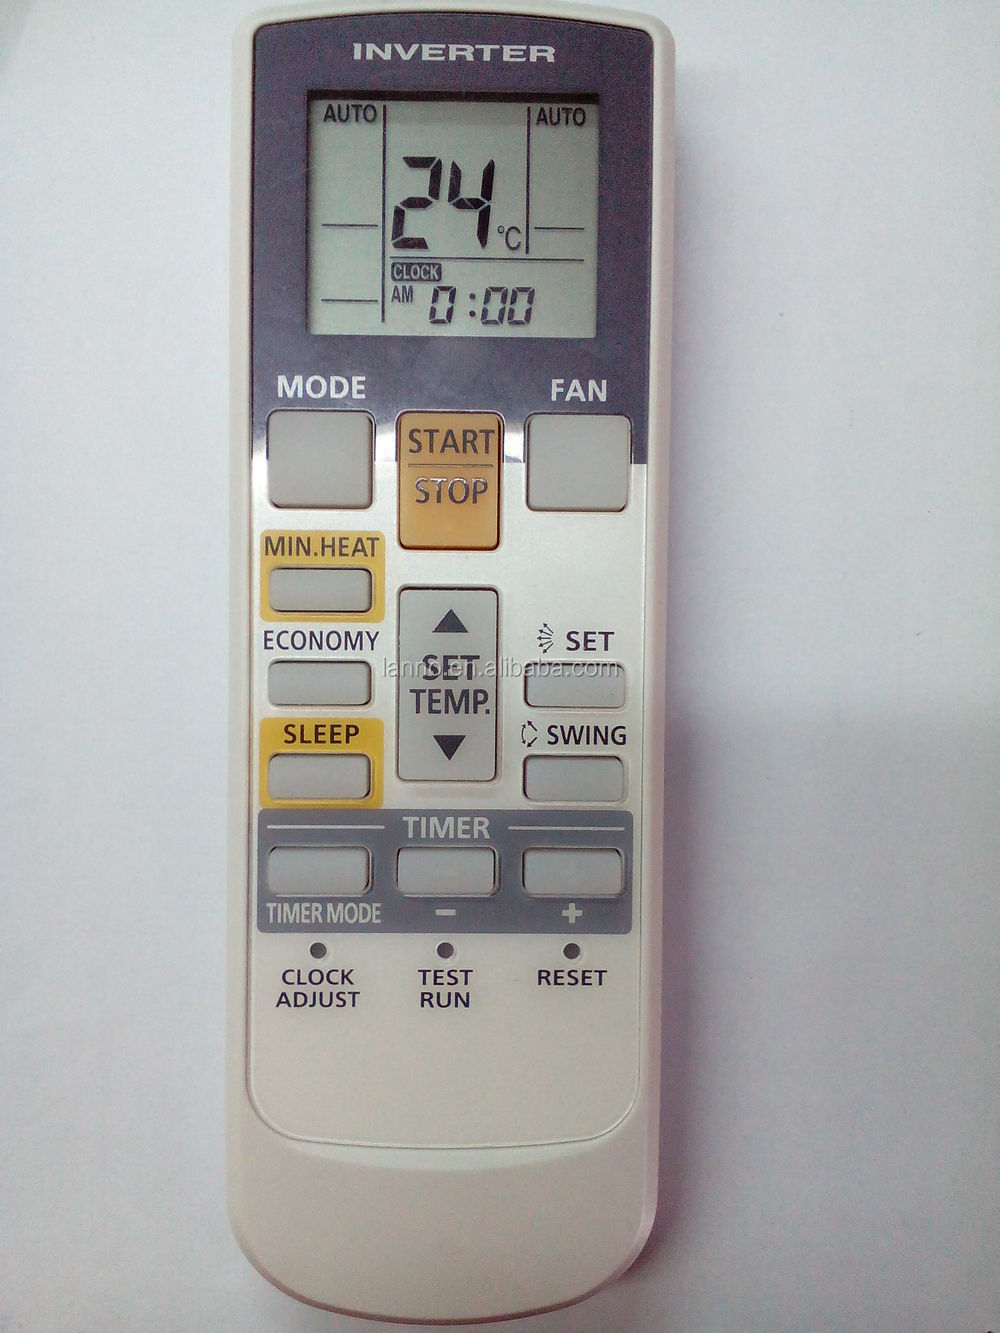 Remote Control For Fujitsu Inverter Air Conditioner